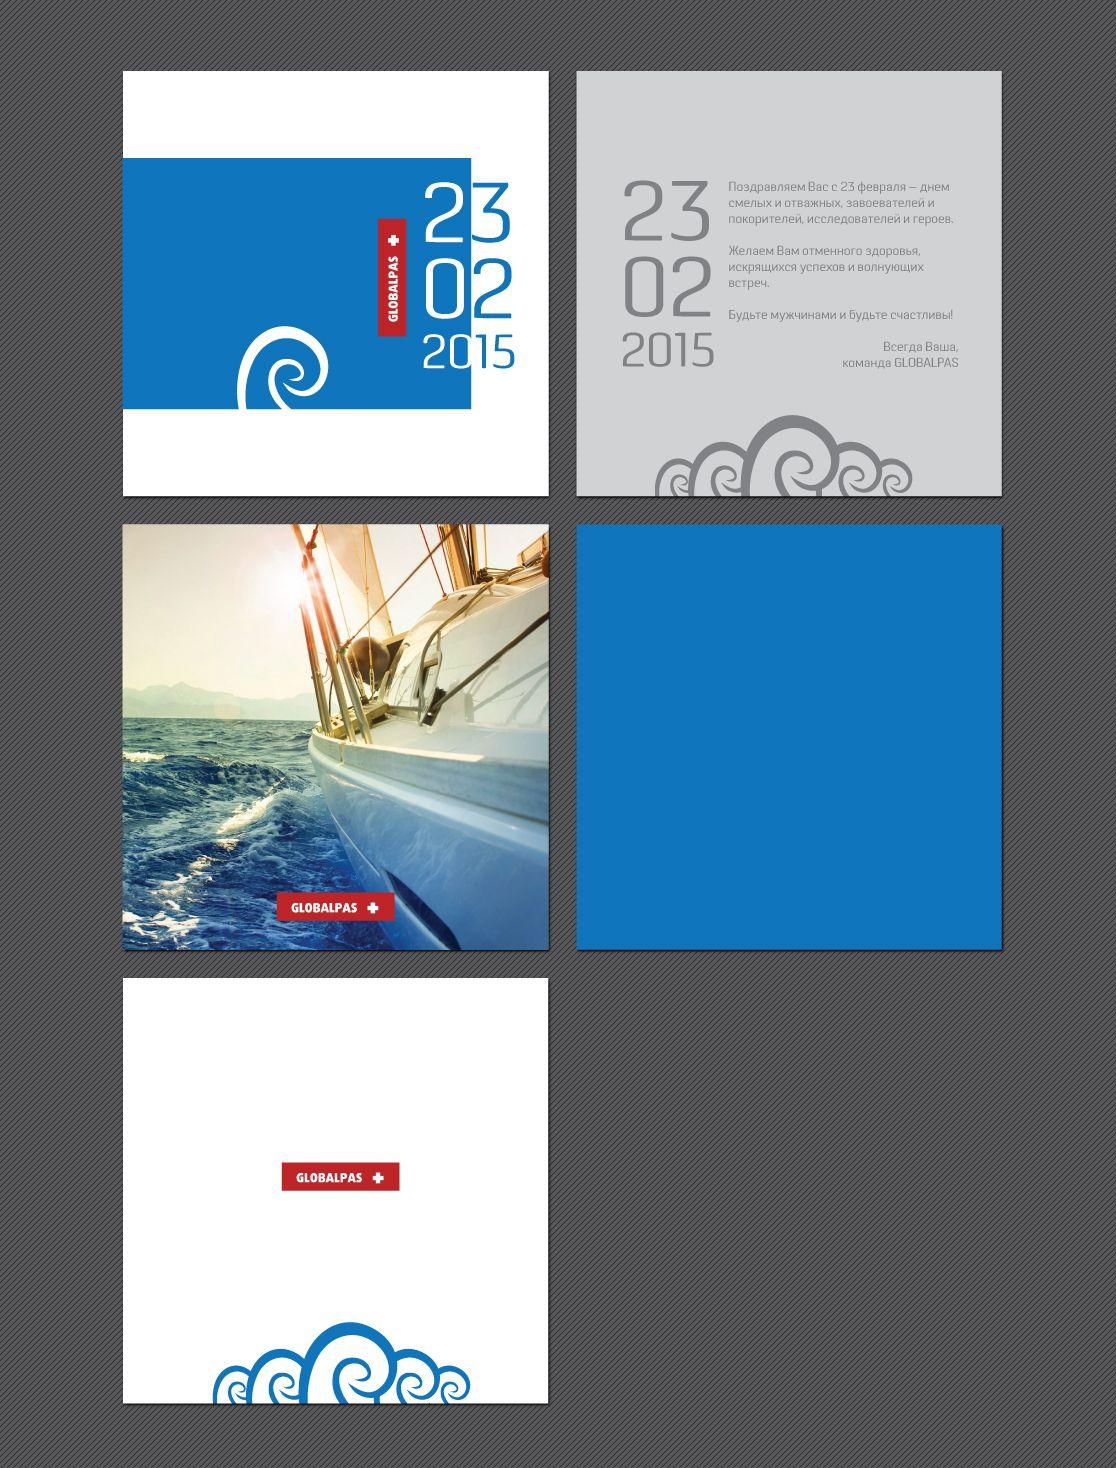 Открытка с конвертом к 23 февраля - дизайнер downwaterfalls